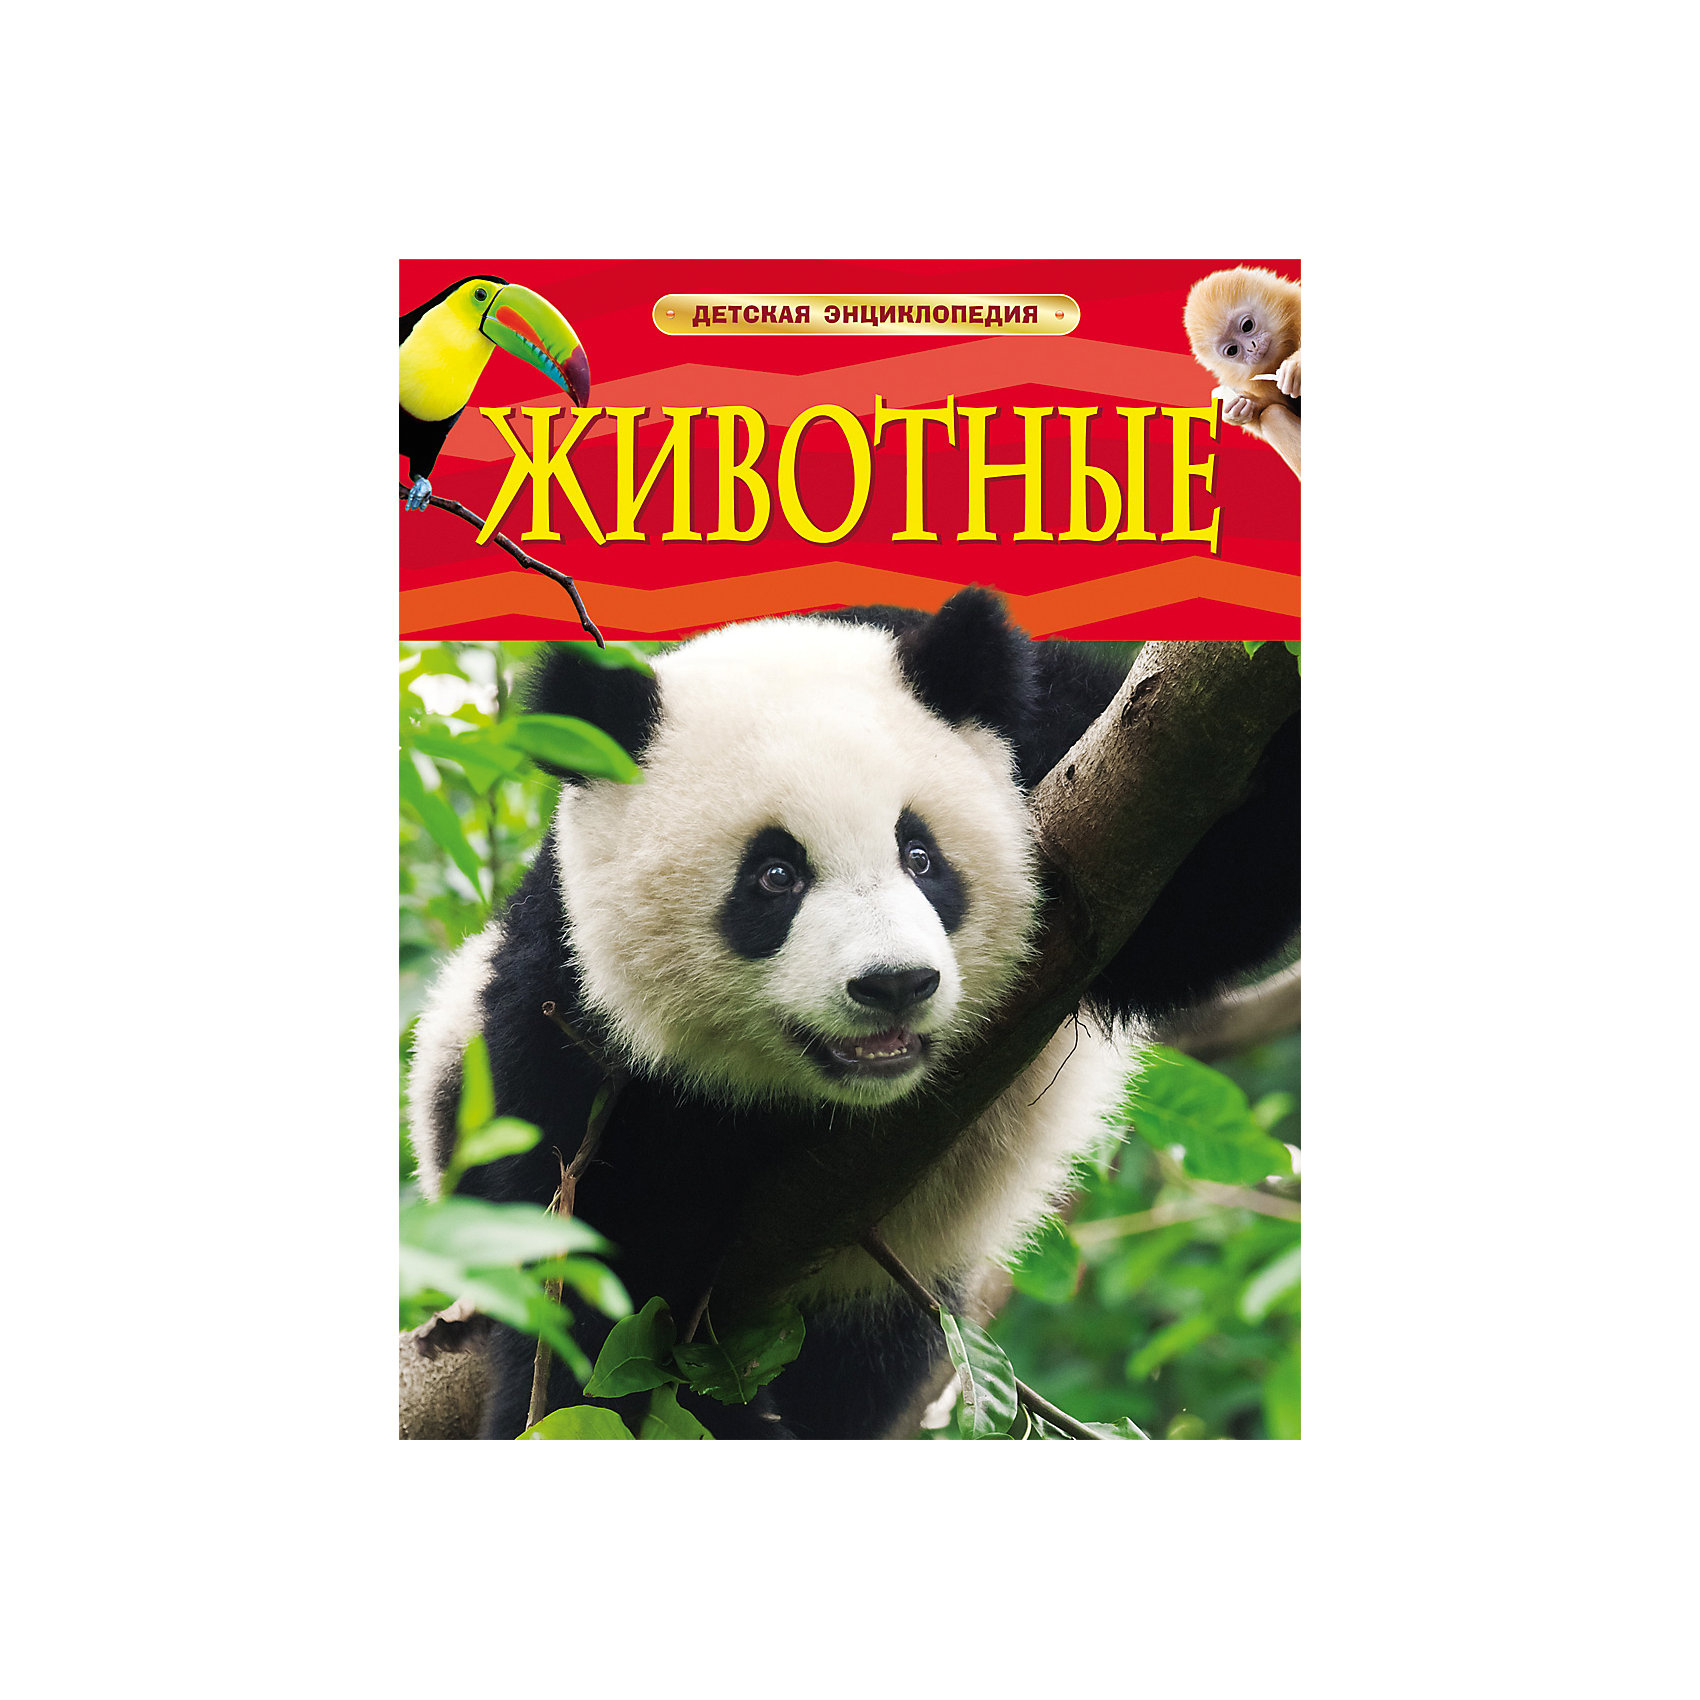 Росмэн Детская энциклопедия Животные